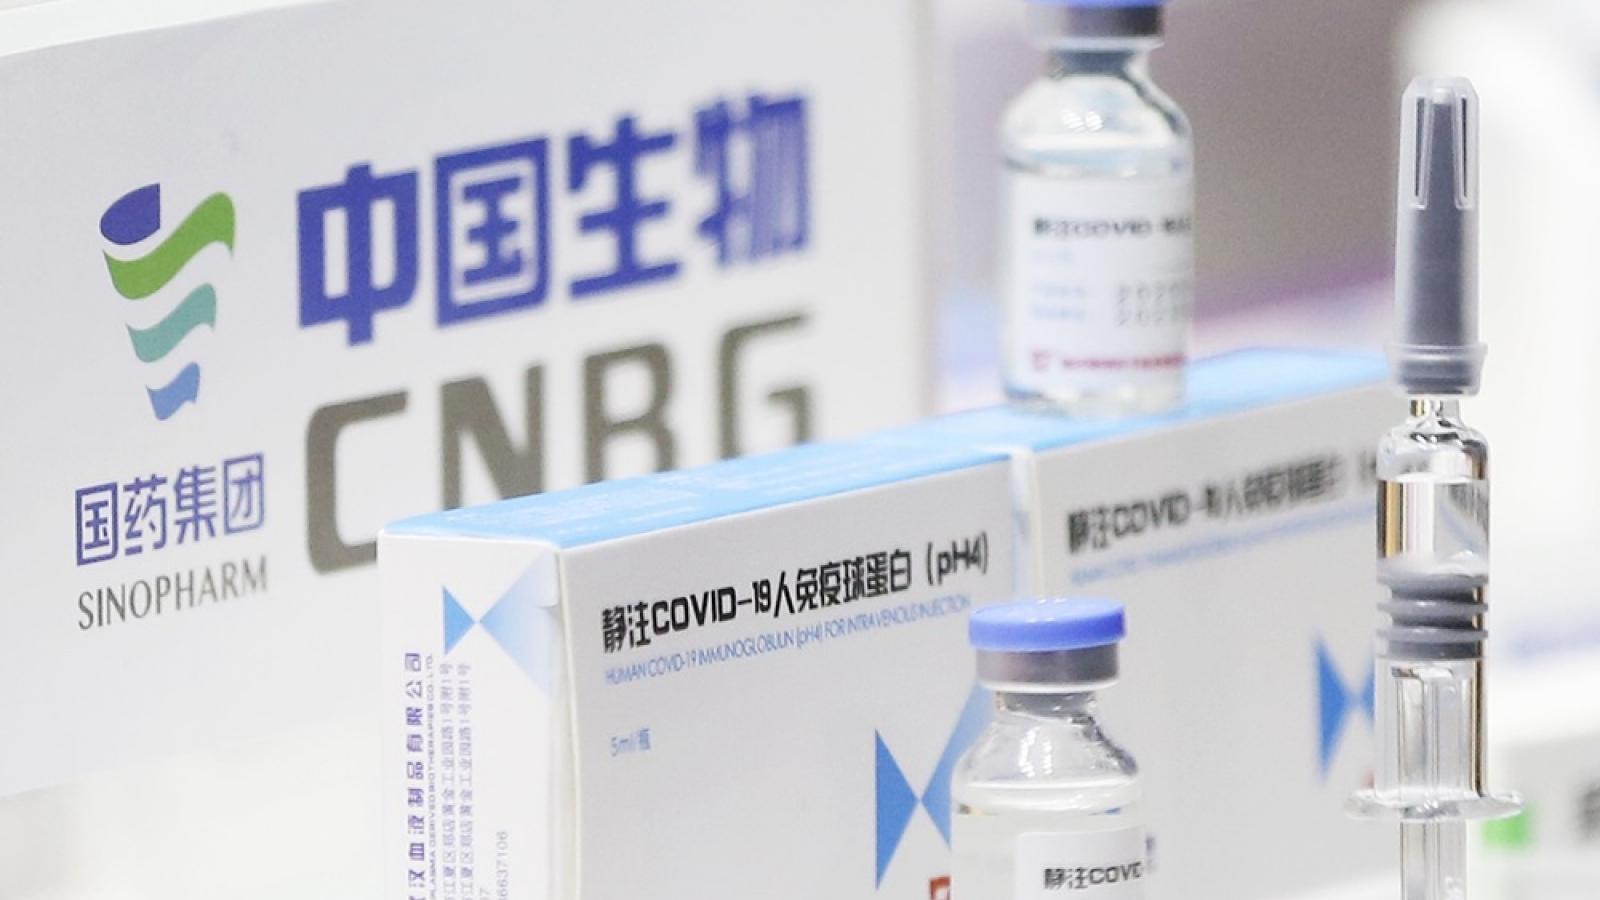 Pakistan đặt 1,2 triệu liều vaccine Covid-19 của Trung Quốc, Ấn Độ hạn chế đón năm mới